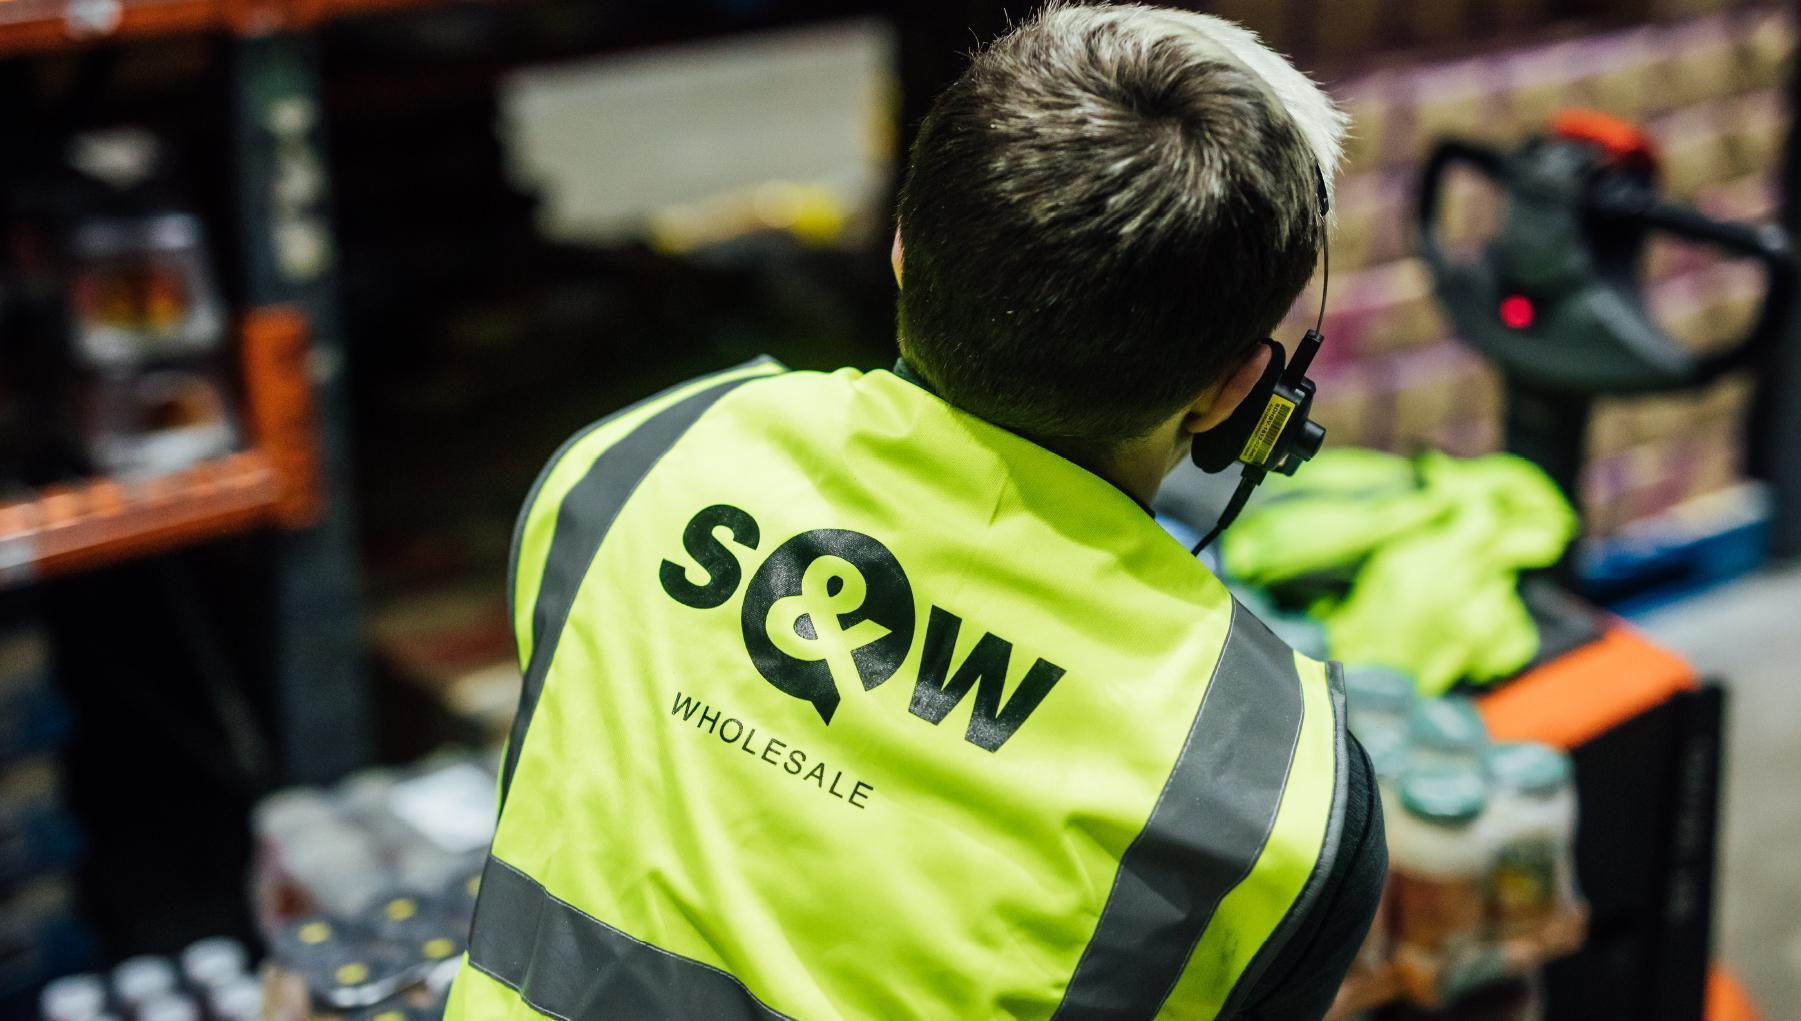 S&W PPE Gear